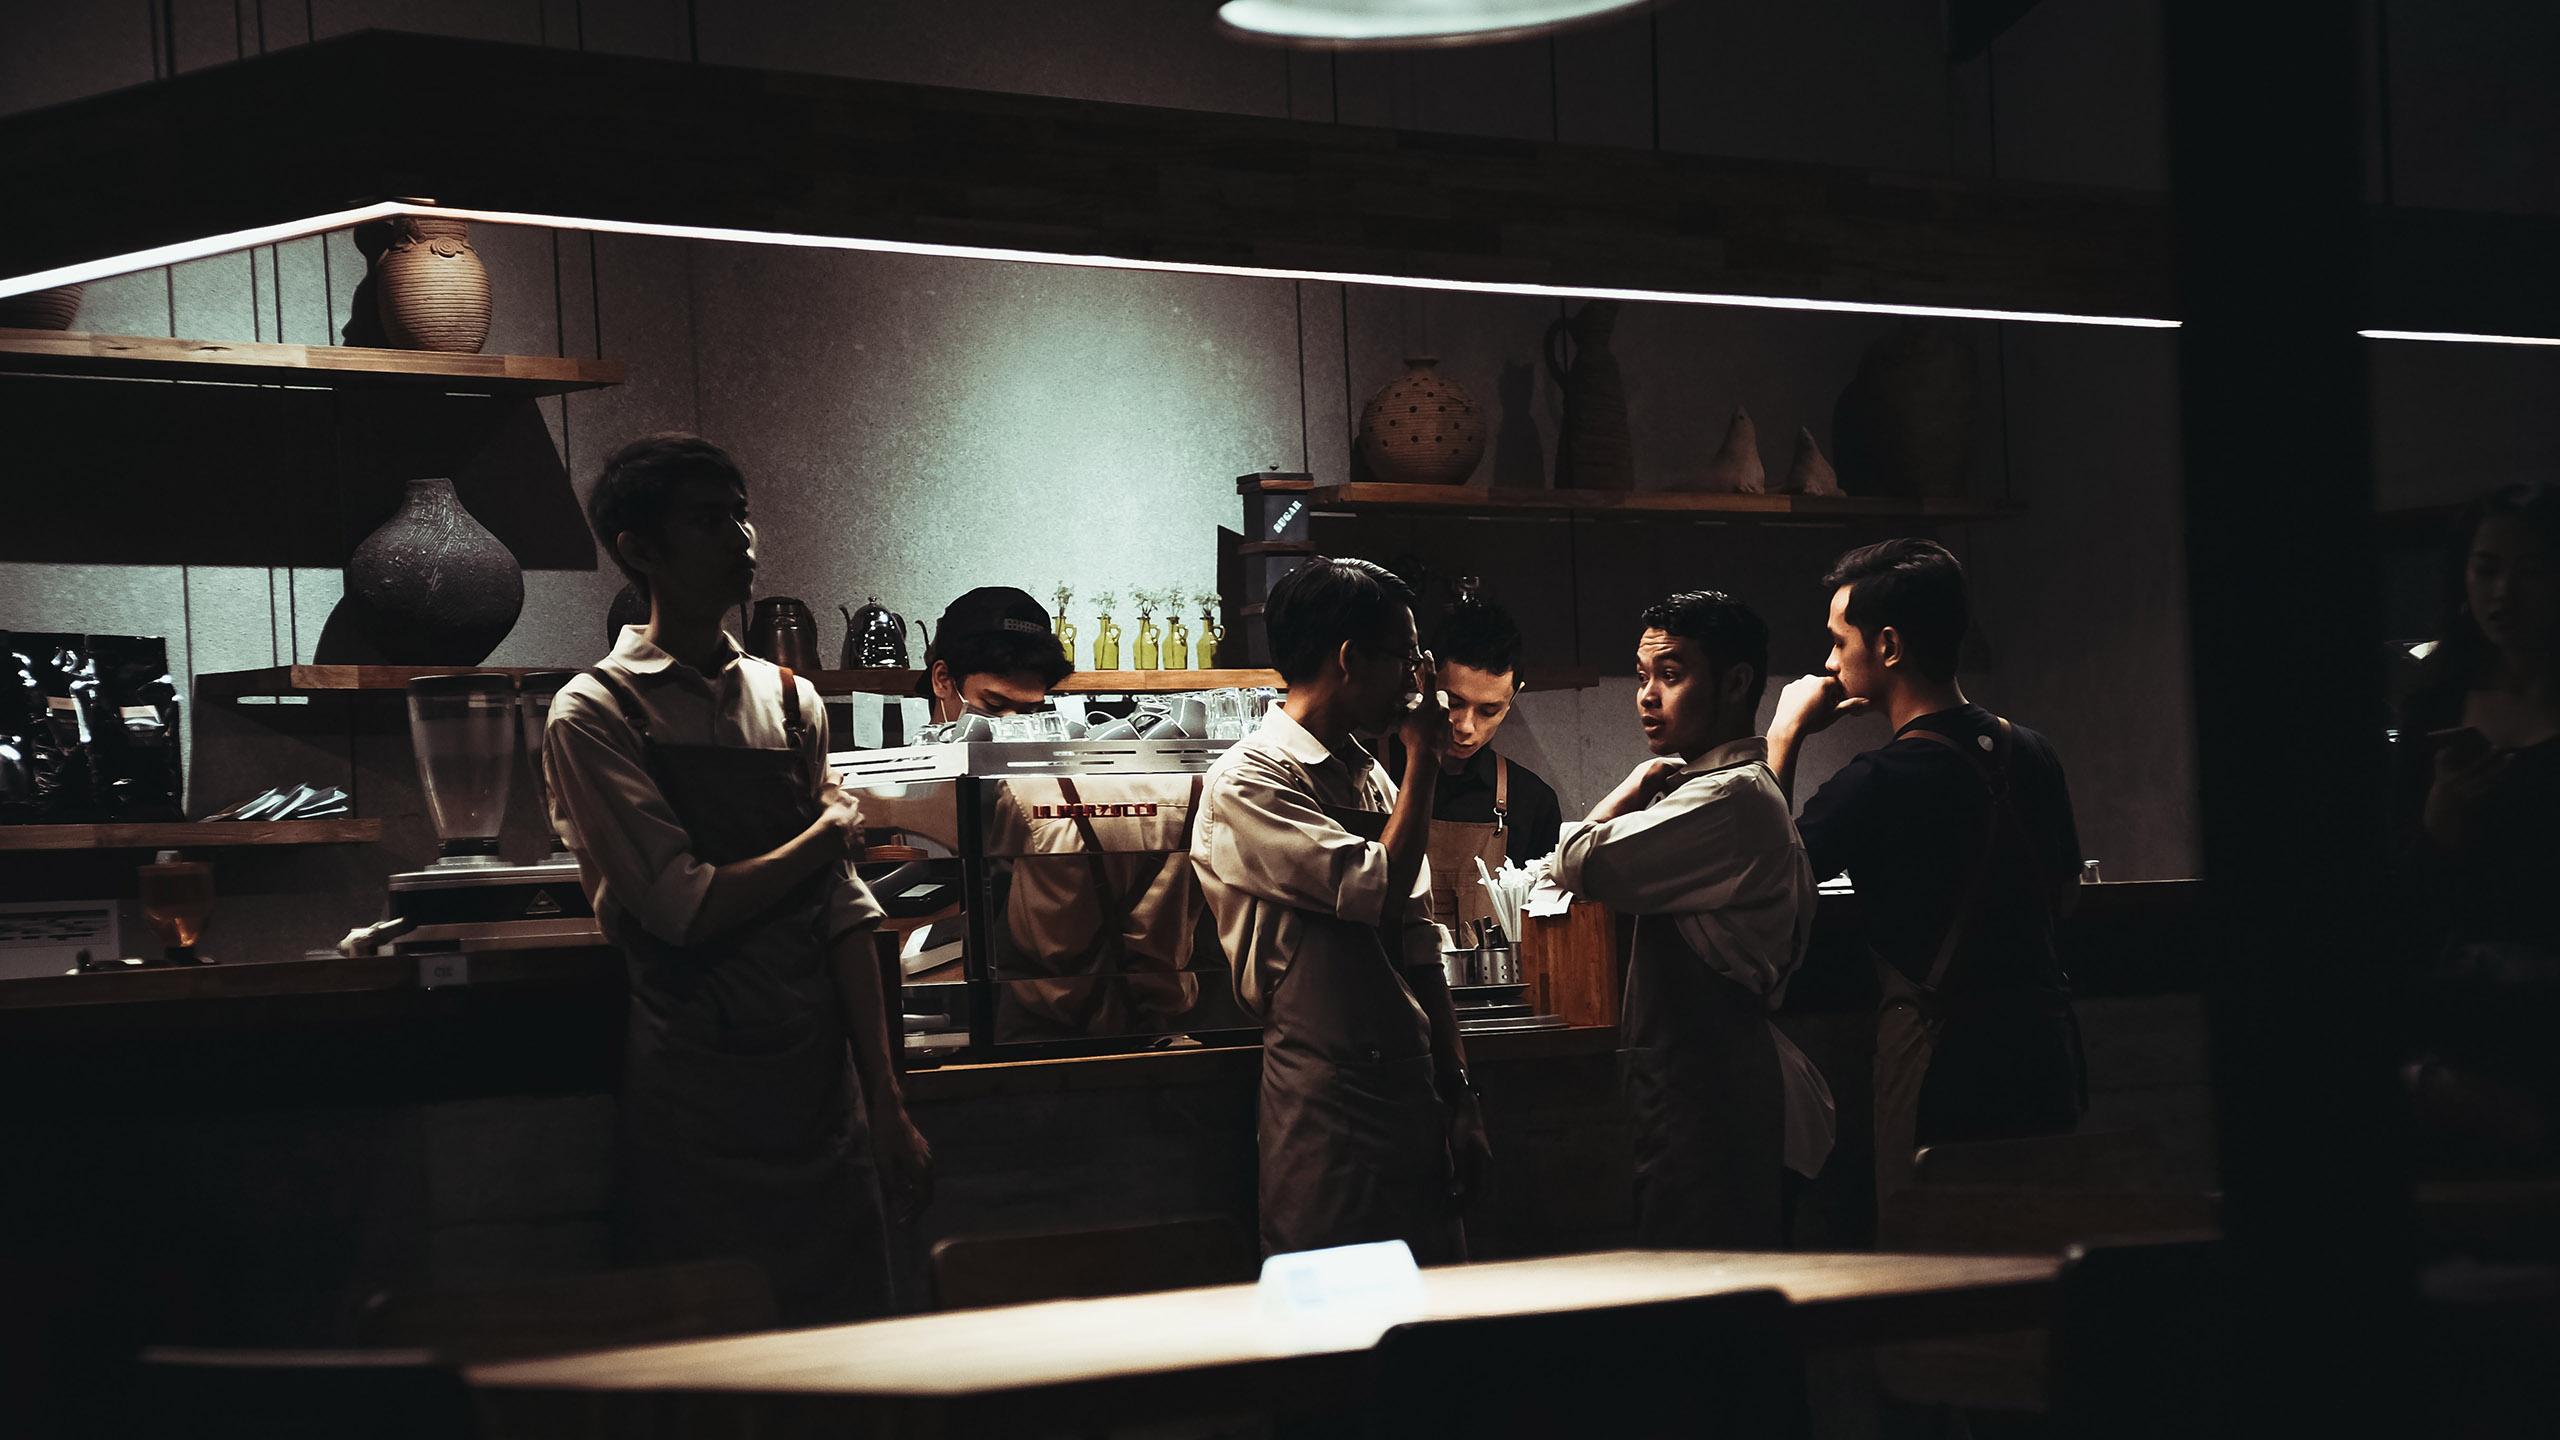 trabajadores de cocina, kitchen staff